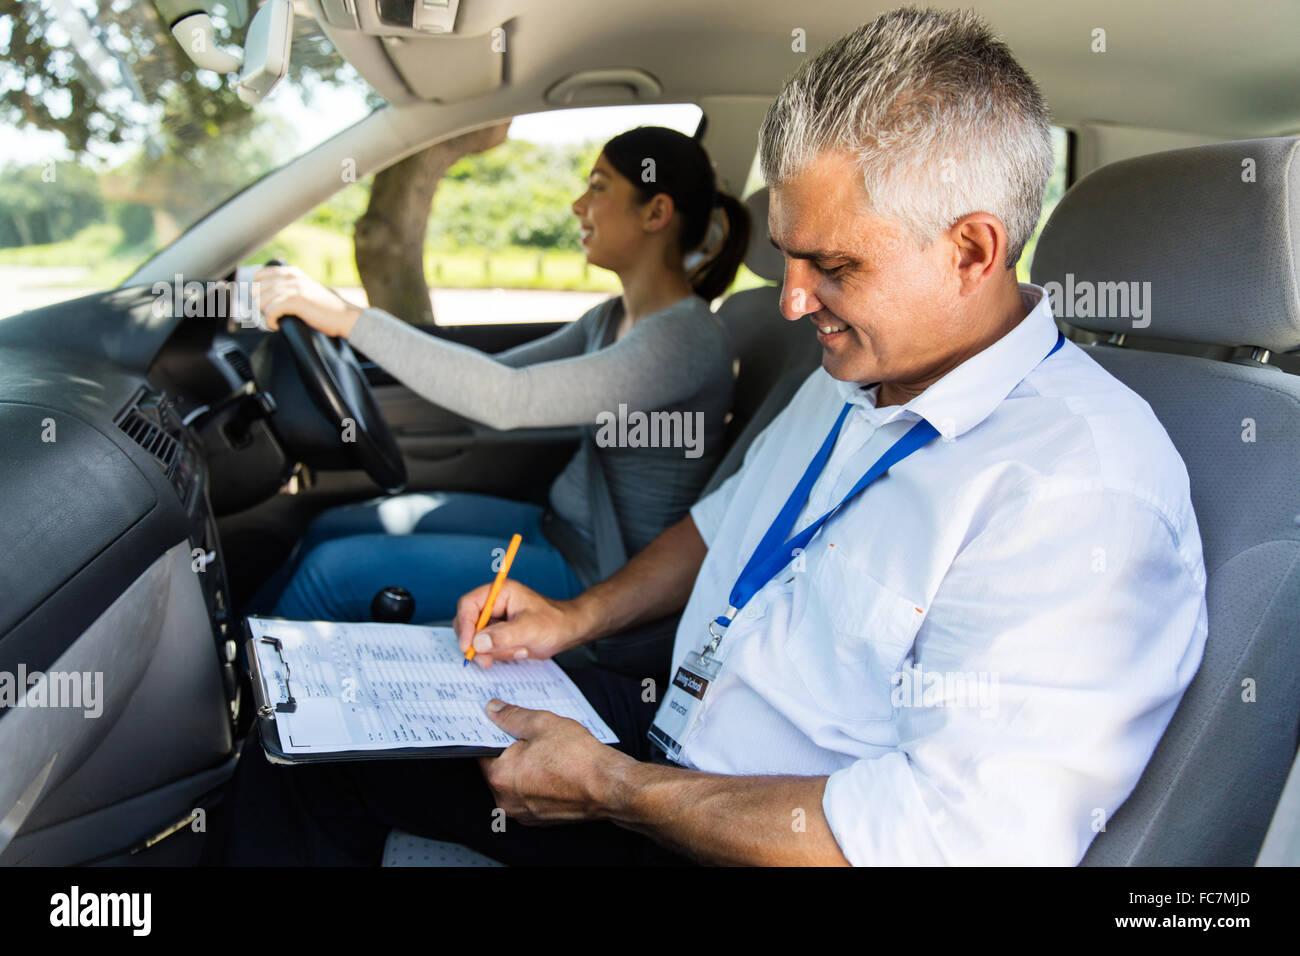 Instructor de conducción superiores guapo conductor principiante de pruebas Imagen De Stock